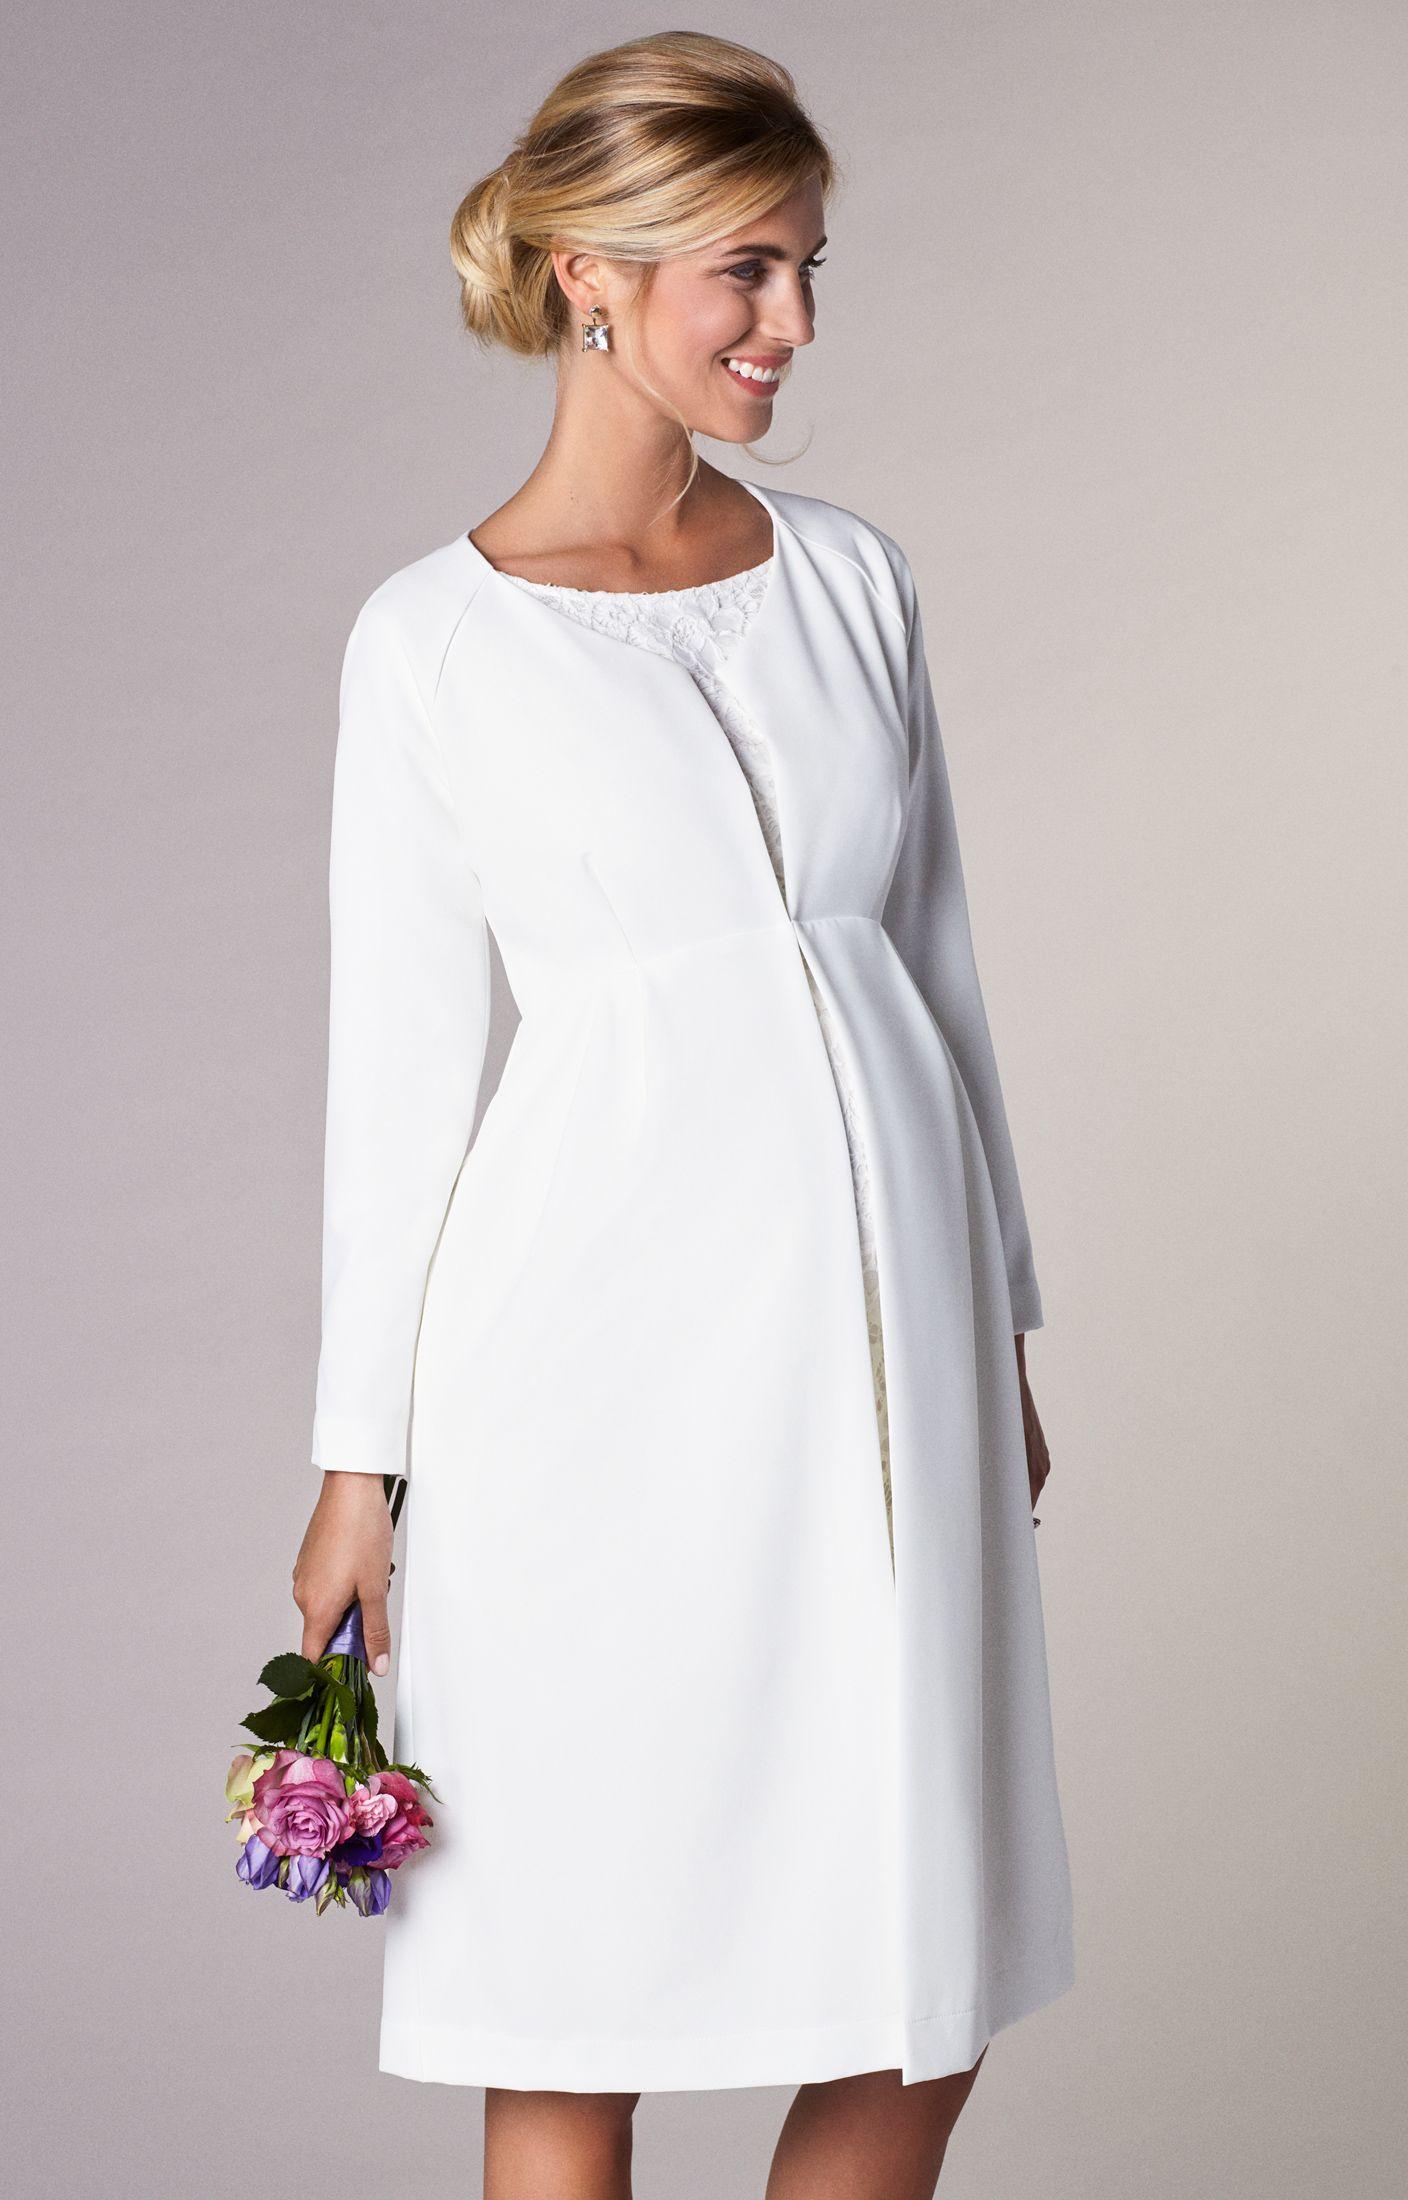 Mantel Christie | Pinterest | Klassischer Stil, Hochzeitskleider für ...